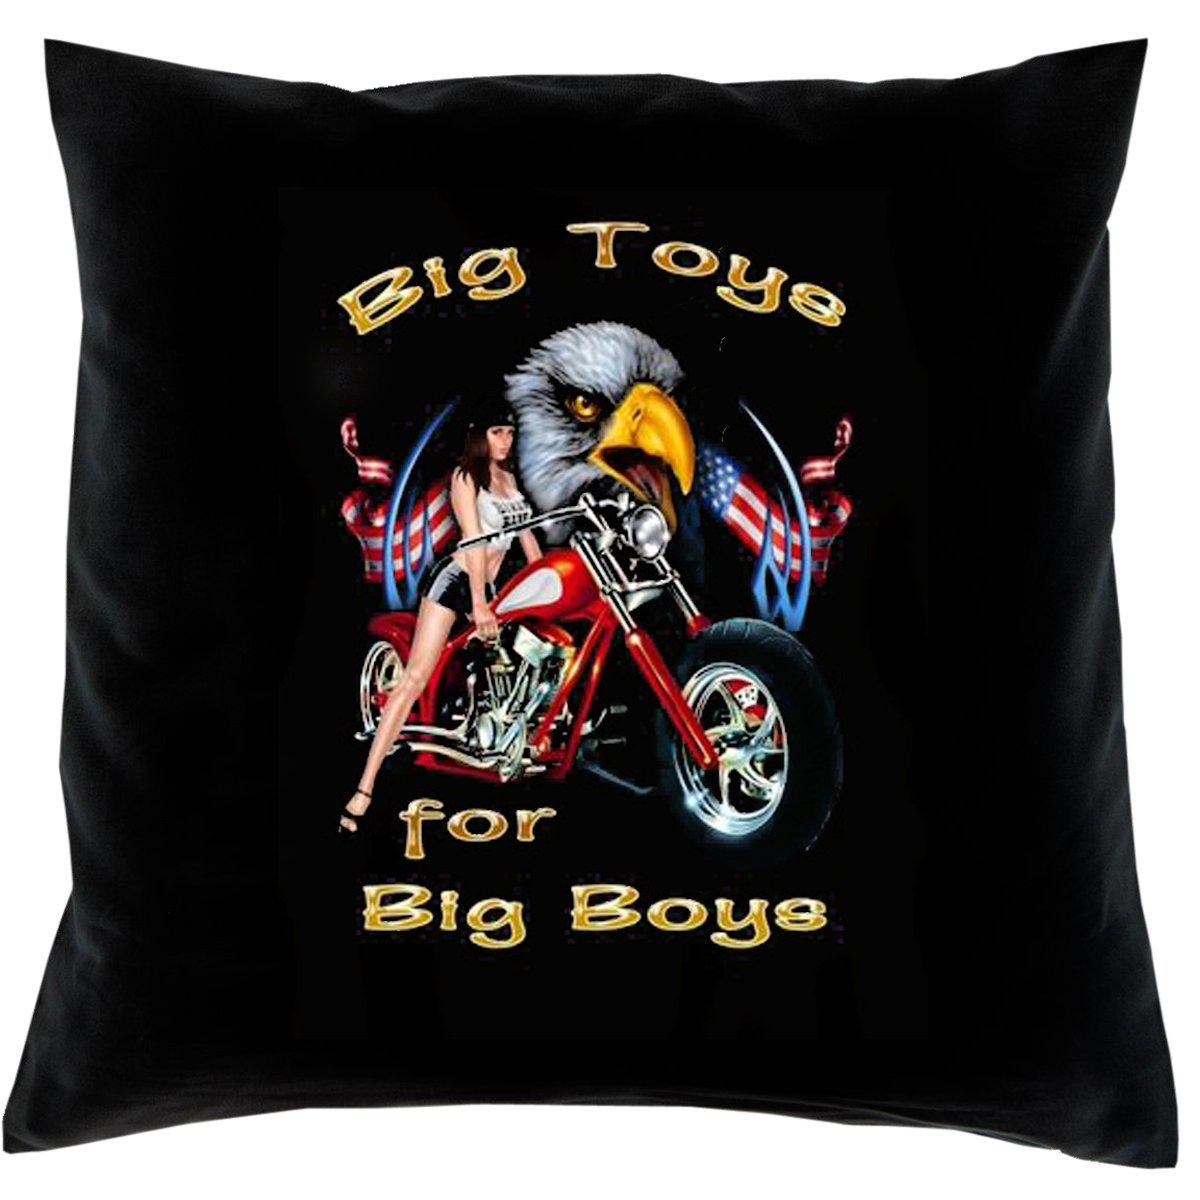 Kissen mit Innenkissen – Big toys for big boys! – mit 40 x 40 cm – in schwarz : ) günstig